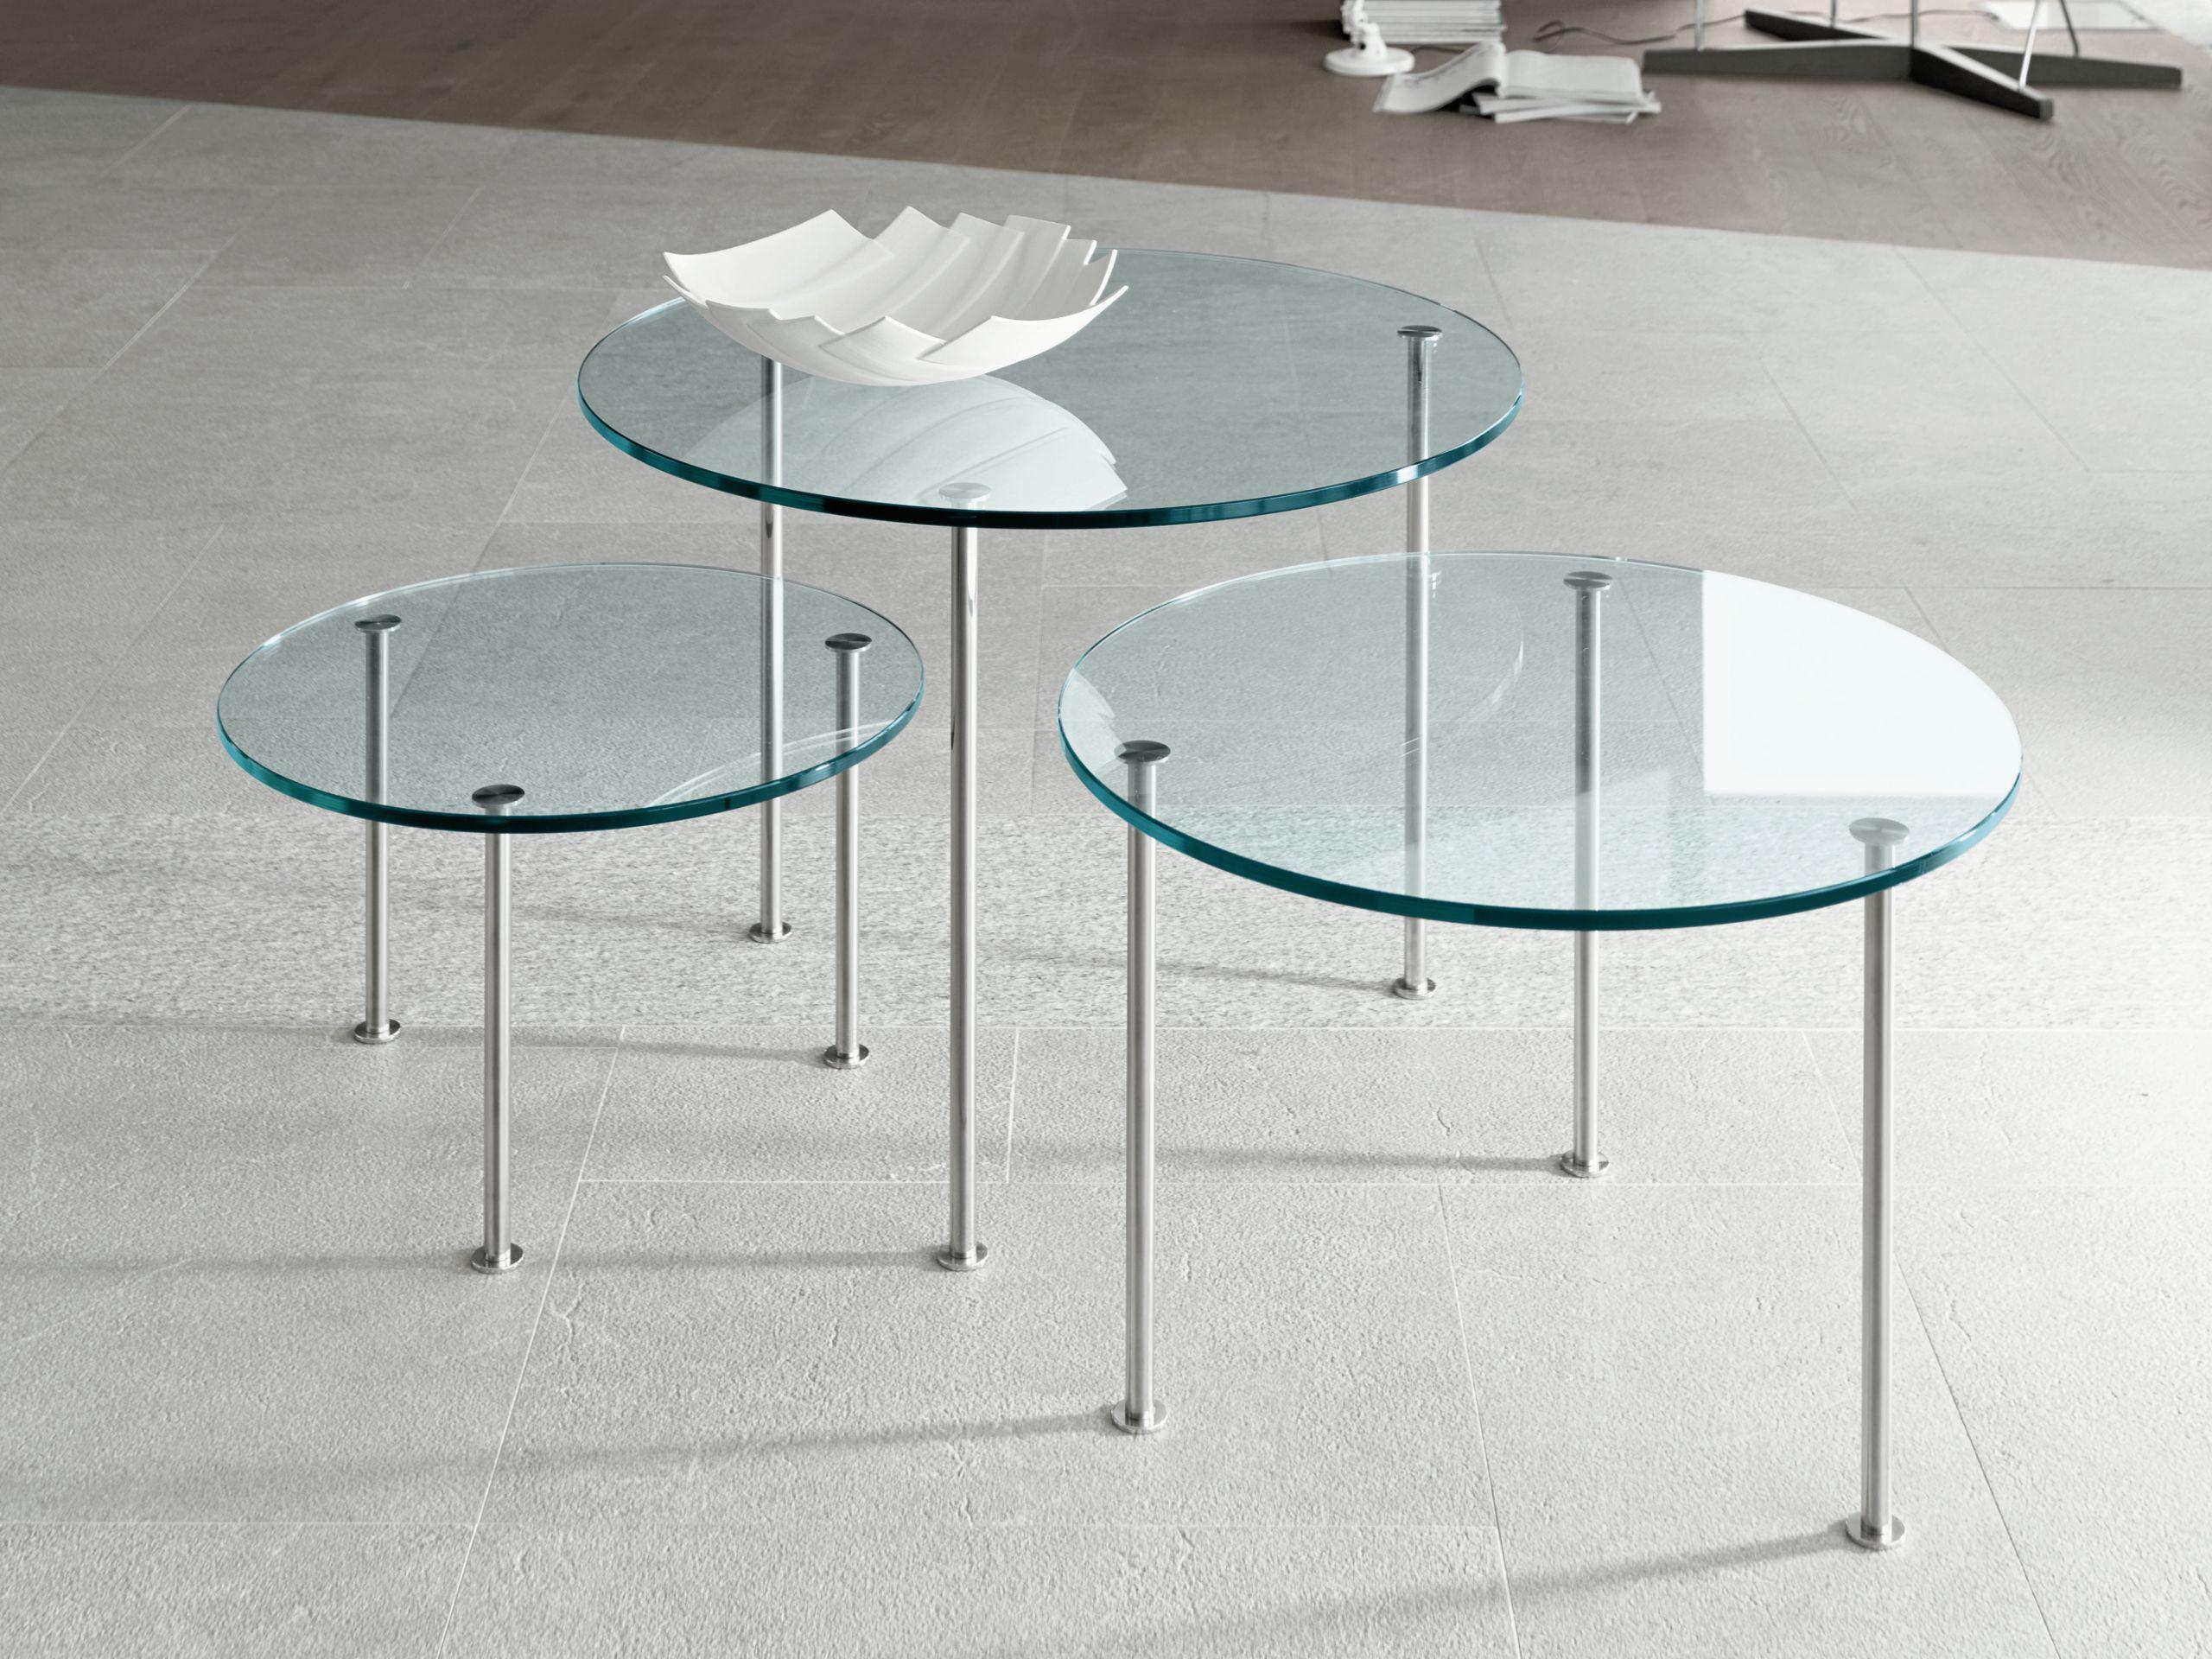 Glass Coffee Table TWIG By Tonelli Design Design Studio Du0027Urbino Lomazzi